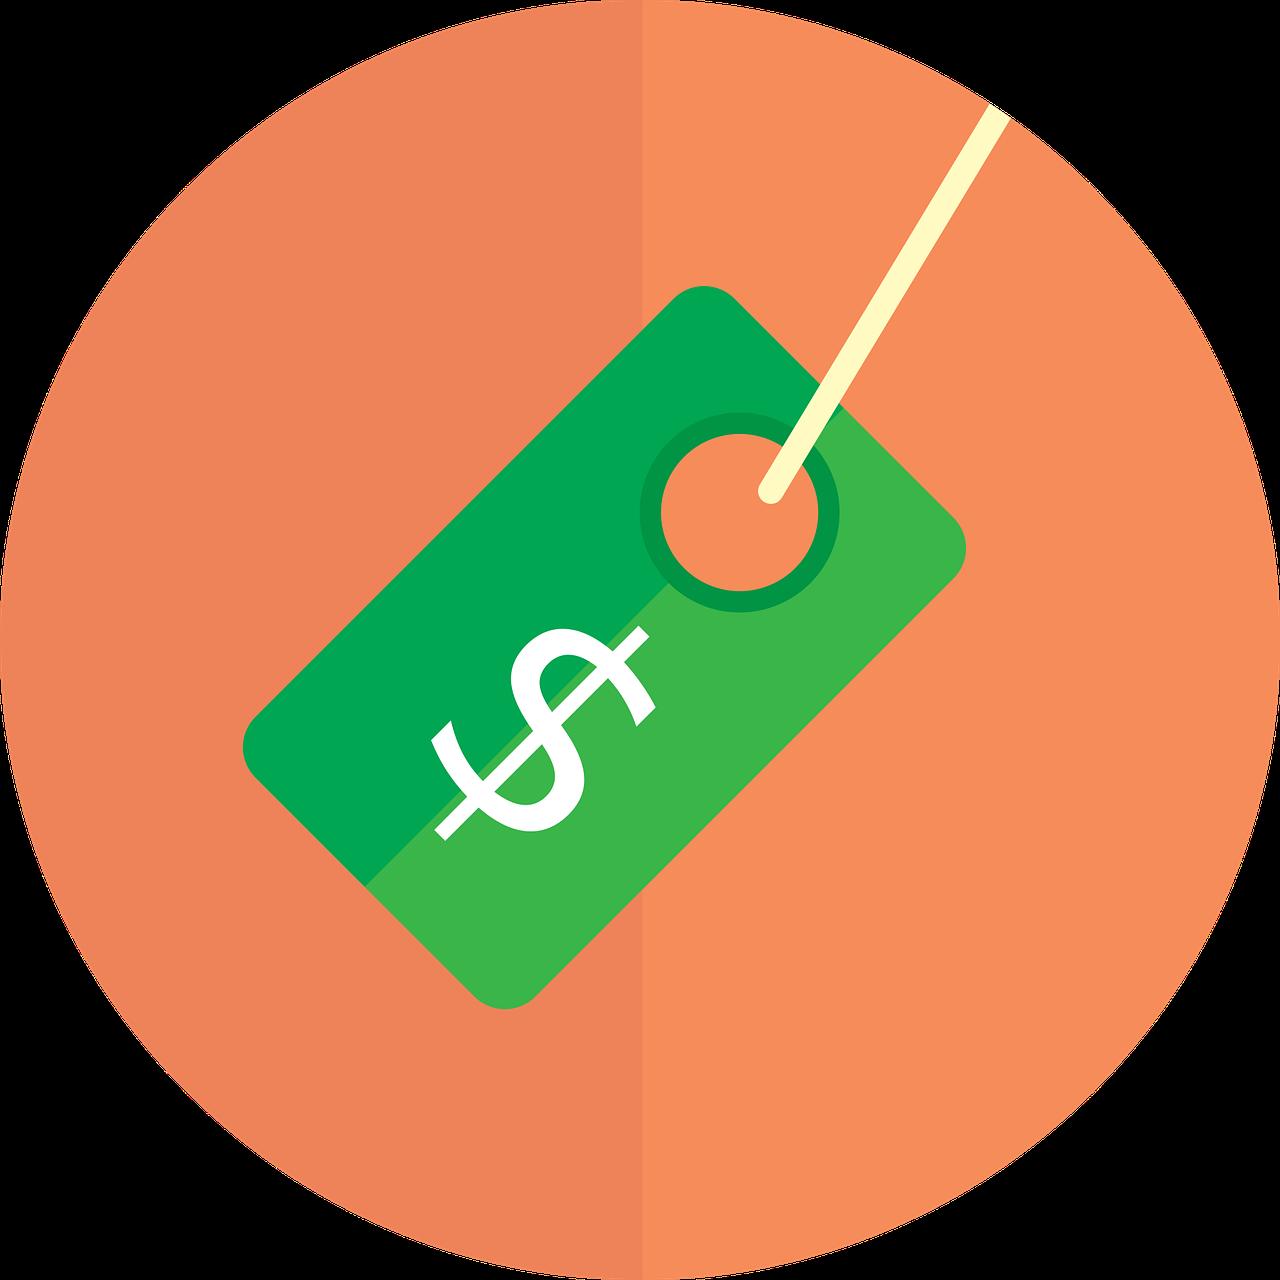 Compras Editar Dinero - Gráficos vectoriales gratis en Pixabay